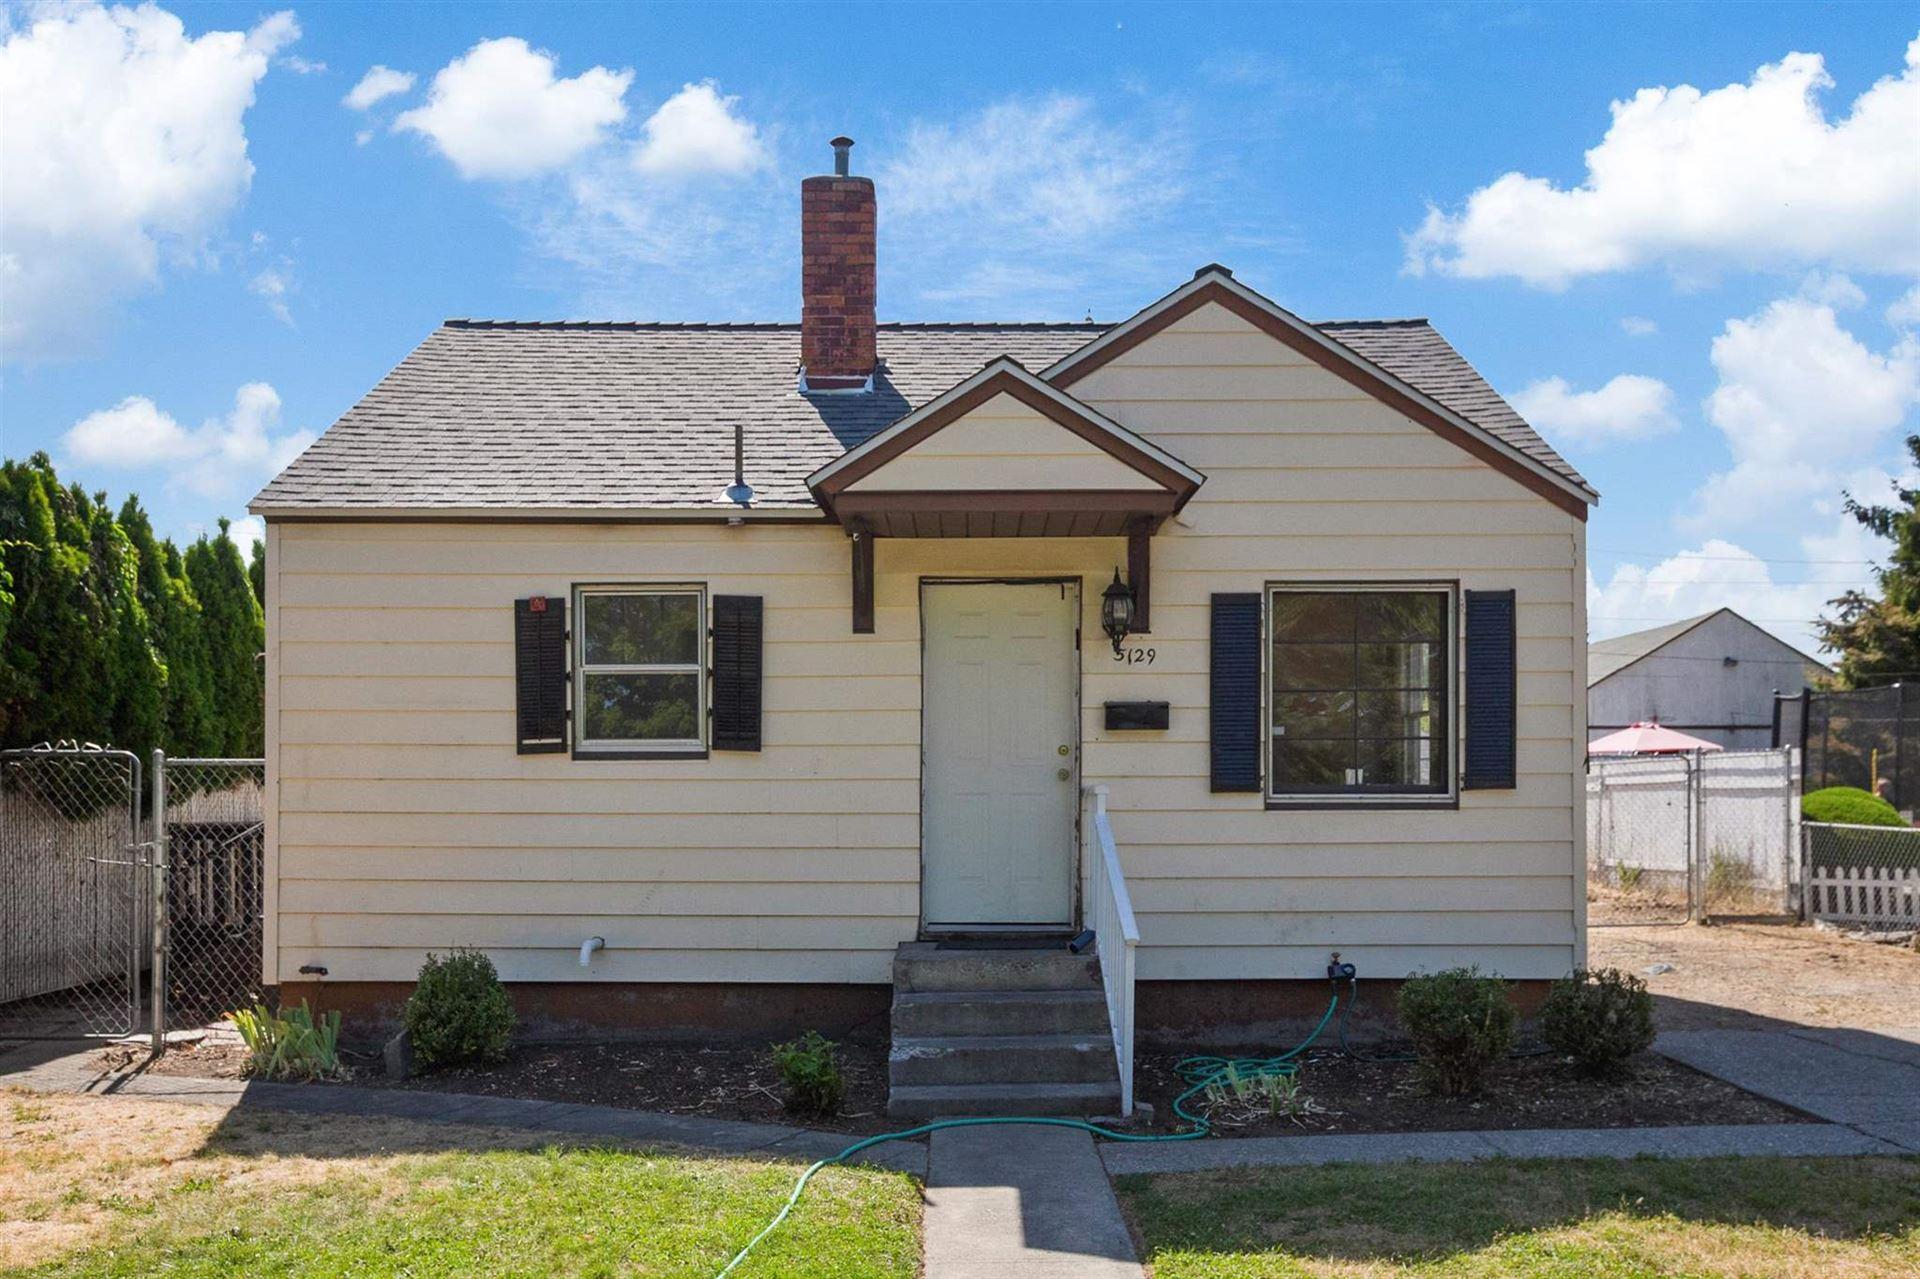 5129 N Whitehouse St, Spokane, WA 99205 - #: 202119030